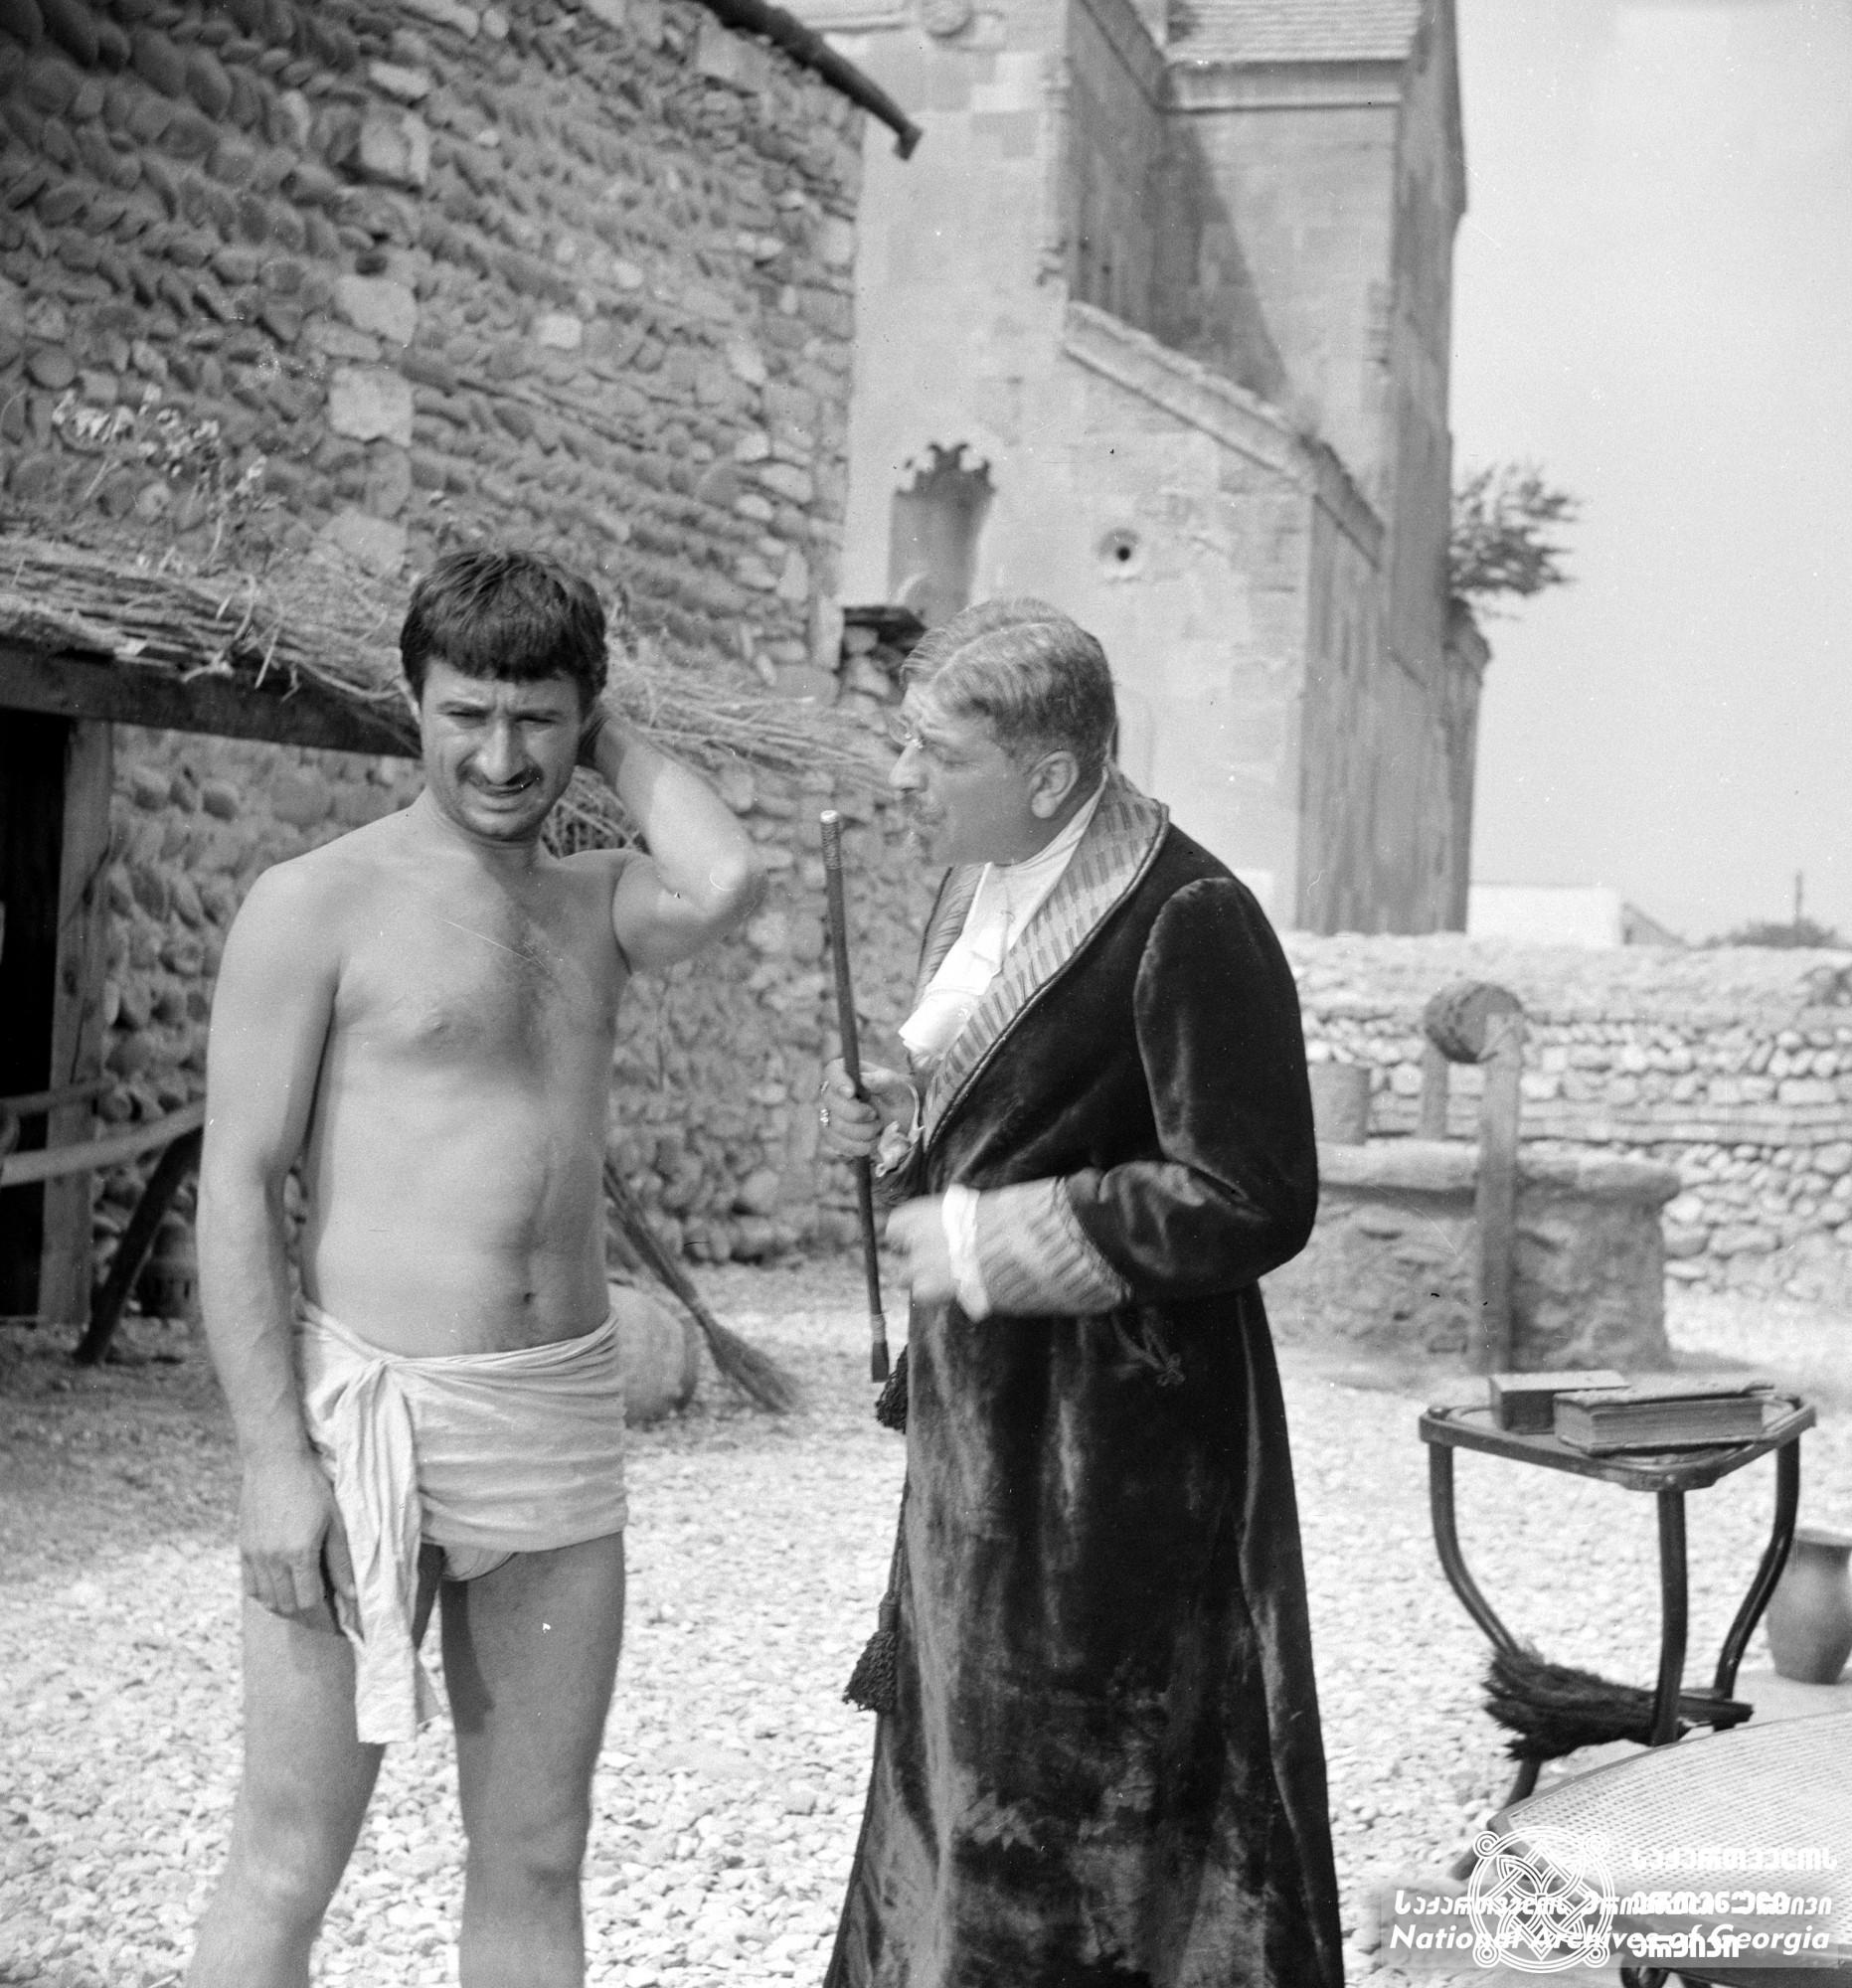 """მხატვრული ფილმი """"ლონდრე"""". გივი ბერიკაშვილი რამაზ ჩხიკვაძე გადასაღებ მოედანზე. <br> რეჟისორი: თამაზ მელიავა.  <br> 1966. <br>  Feature film """"Londre"""". Givi berikashvili and Ramaz Chkhikvadze on the filming location. <br> Director: Tamaz Meliava. <br> 1966."""